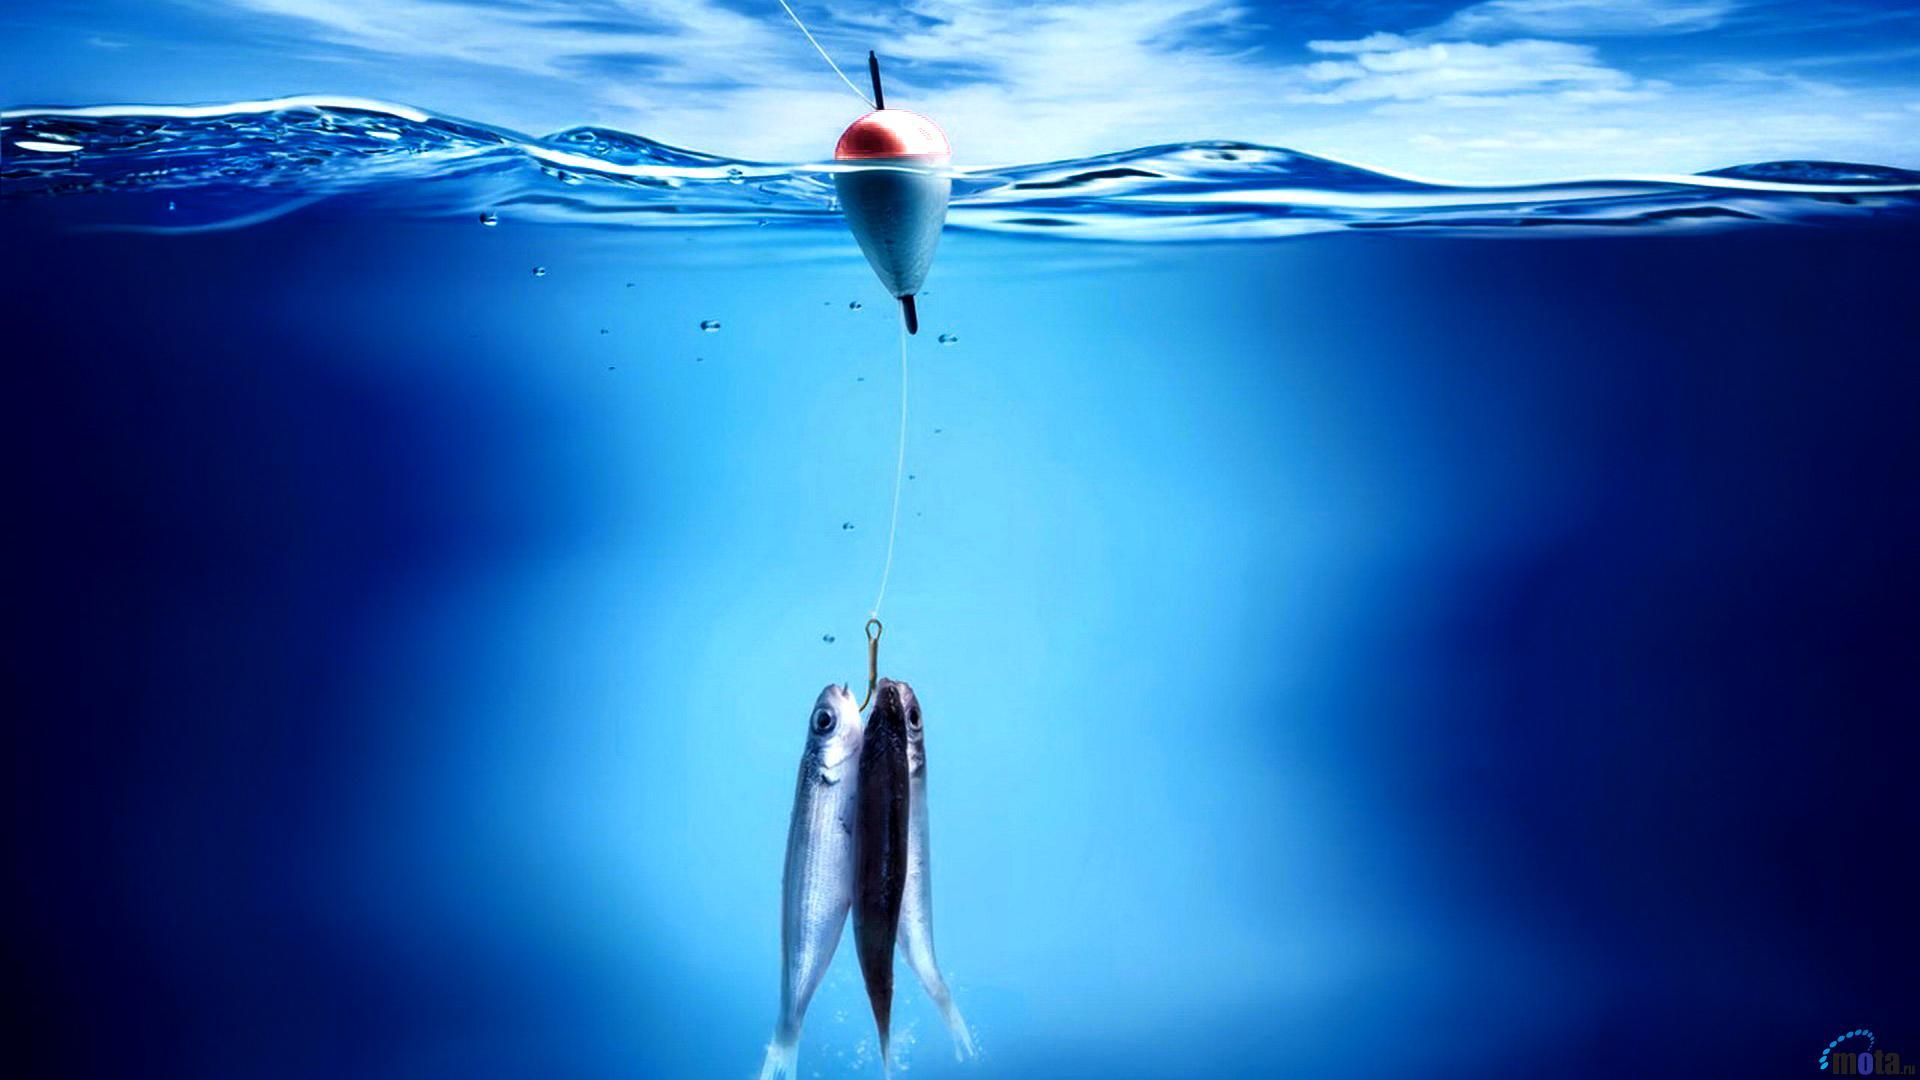 прикольные картинки высокого разрешения на тему рыбалка